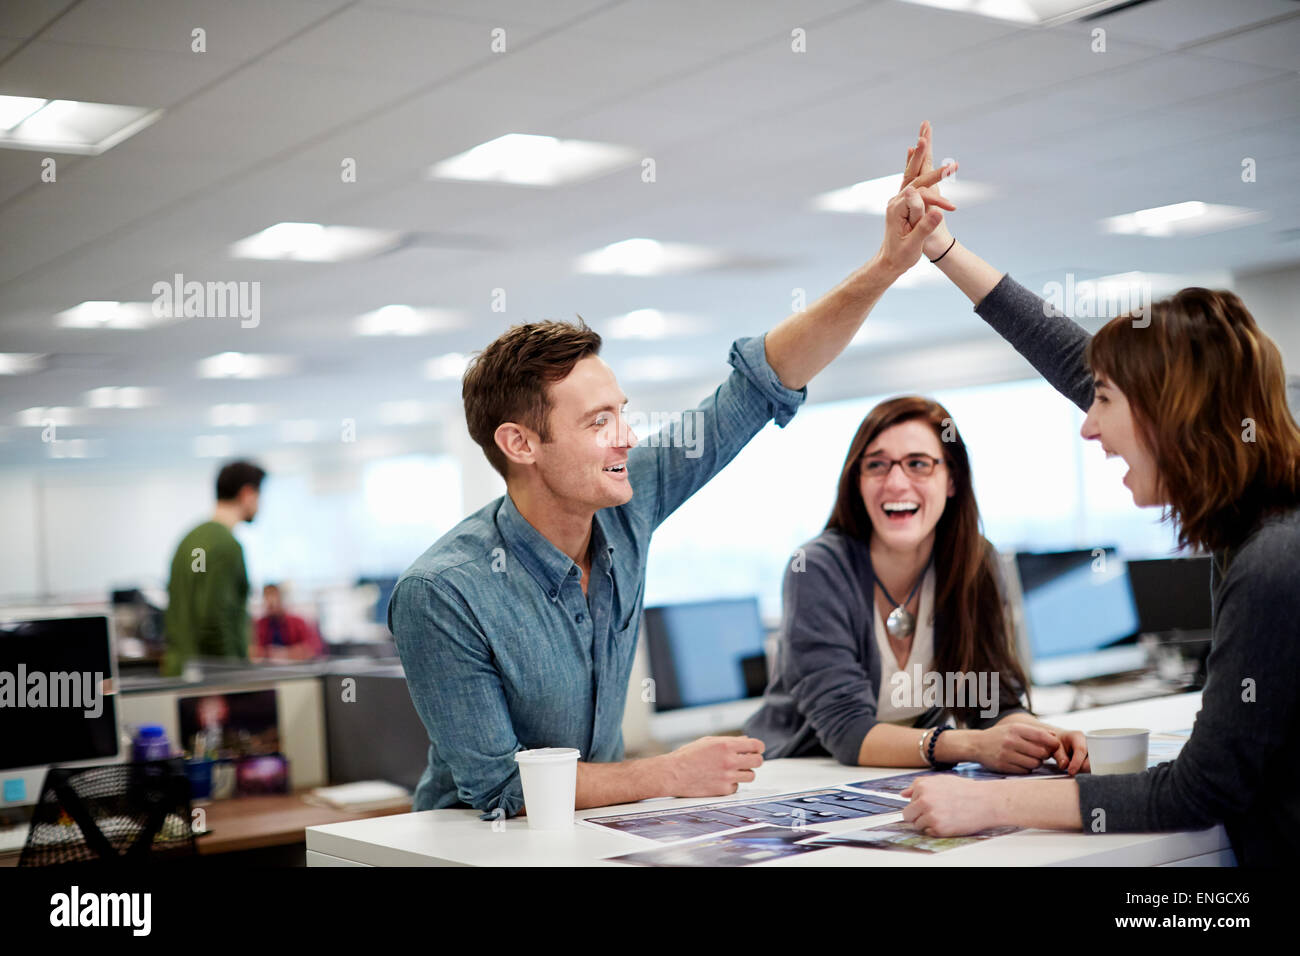 Tres personas en una oficina mirando fotos y haciendo un gesto de High Five. Imagen De Stock